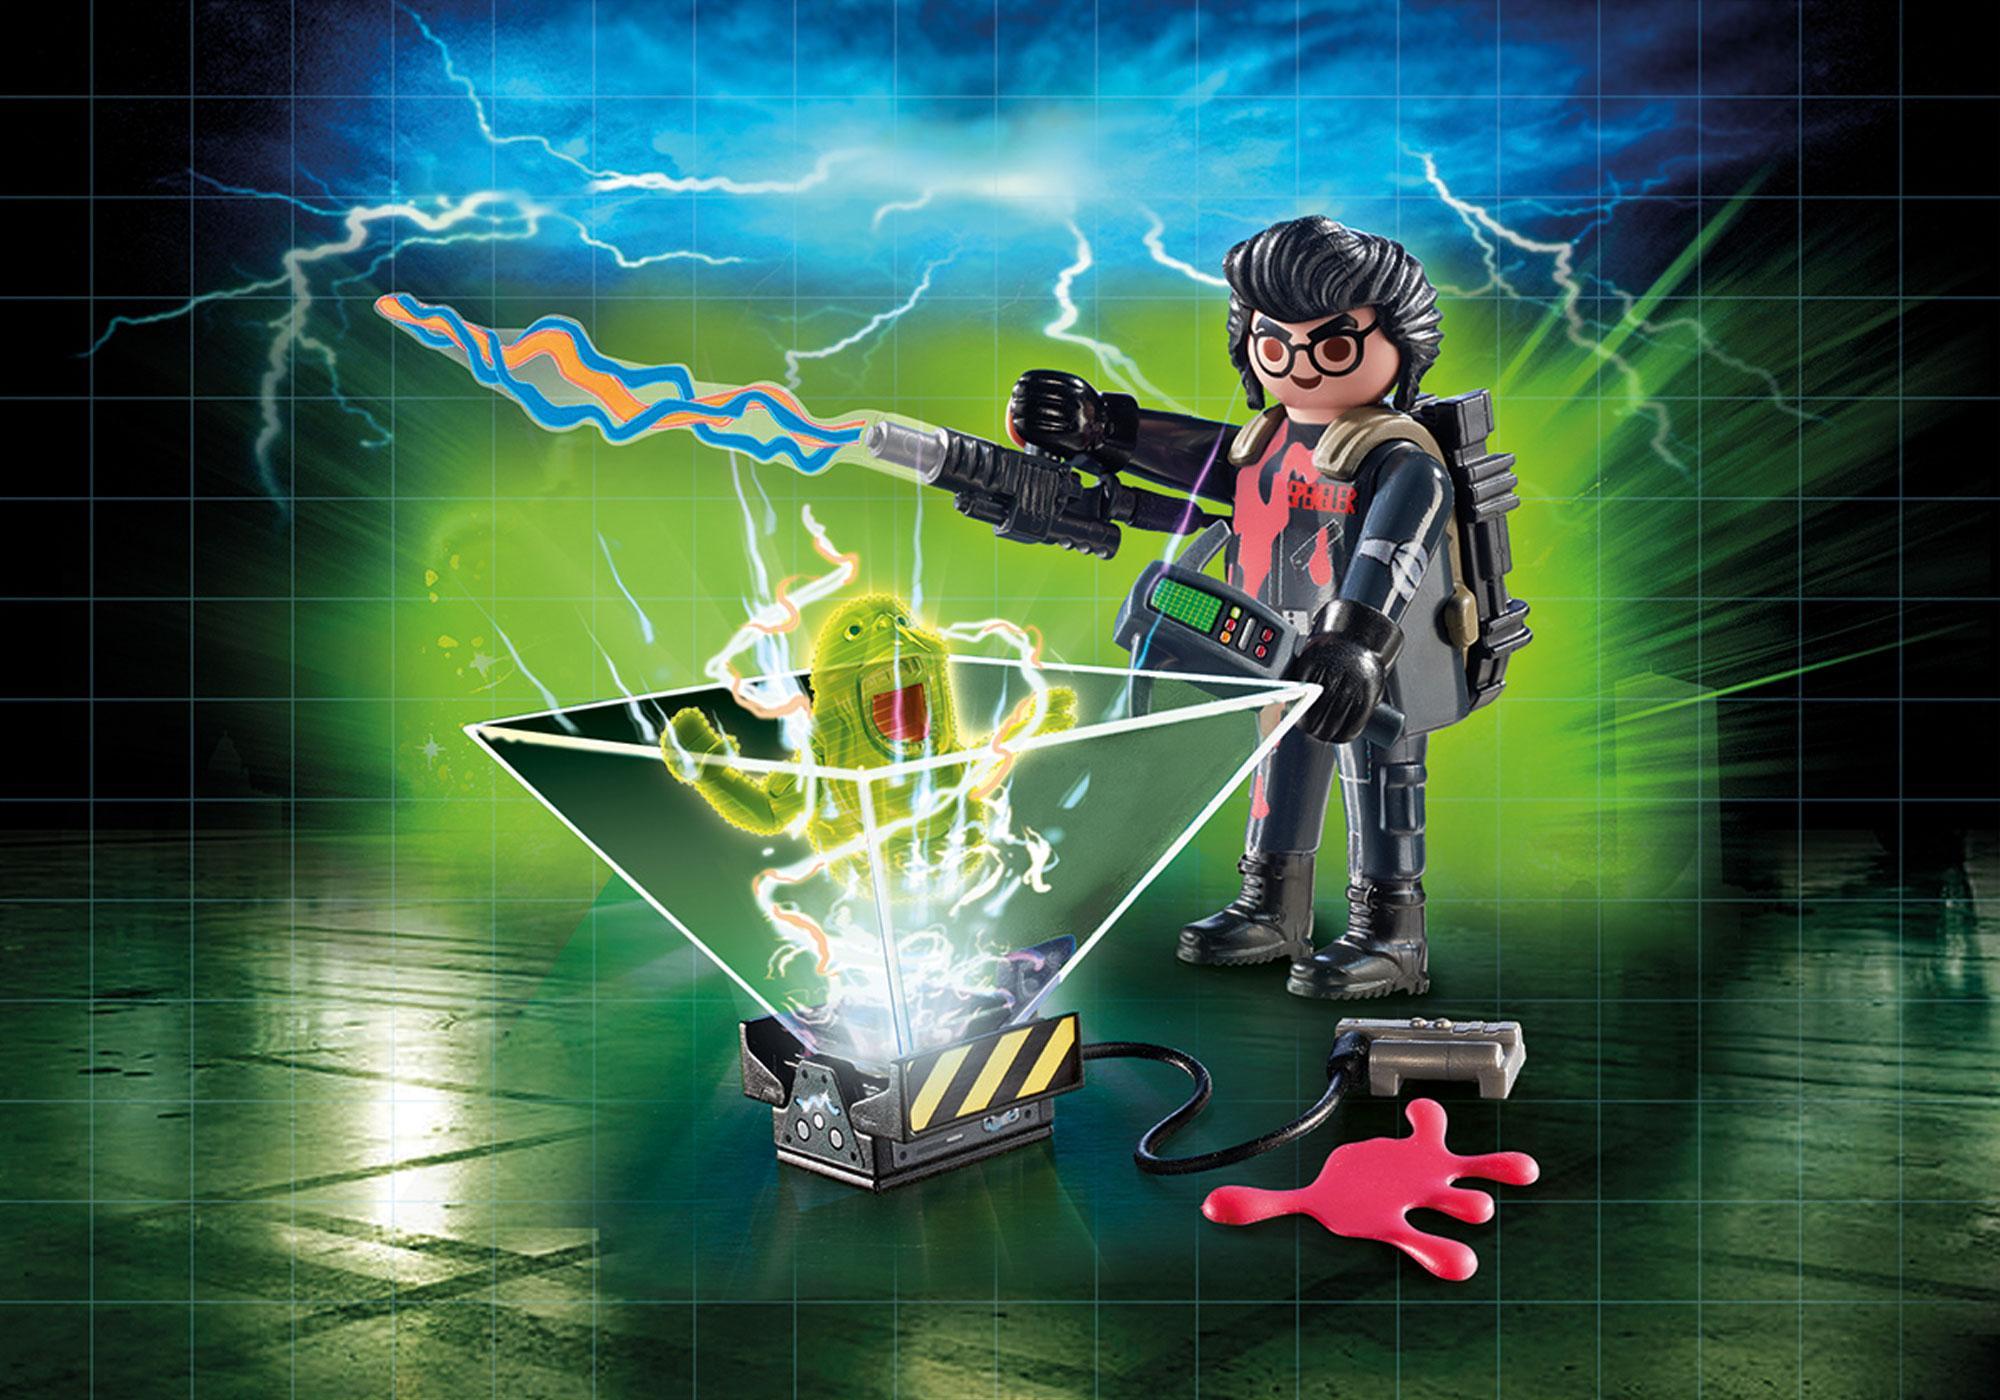 http://media.playmobil.com/i/playmobil/9346_product_detail/Ghostbuster Egon Spengler